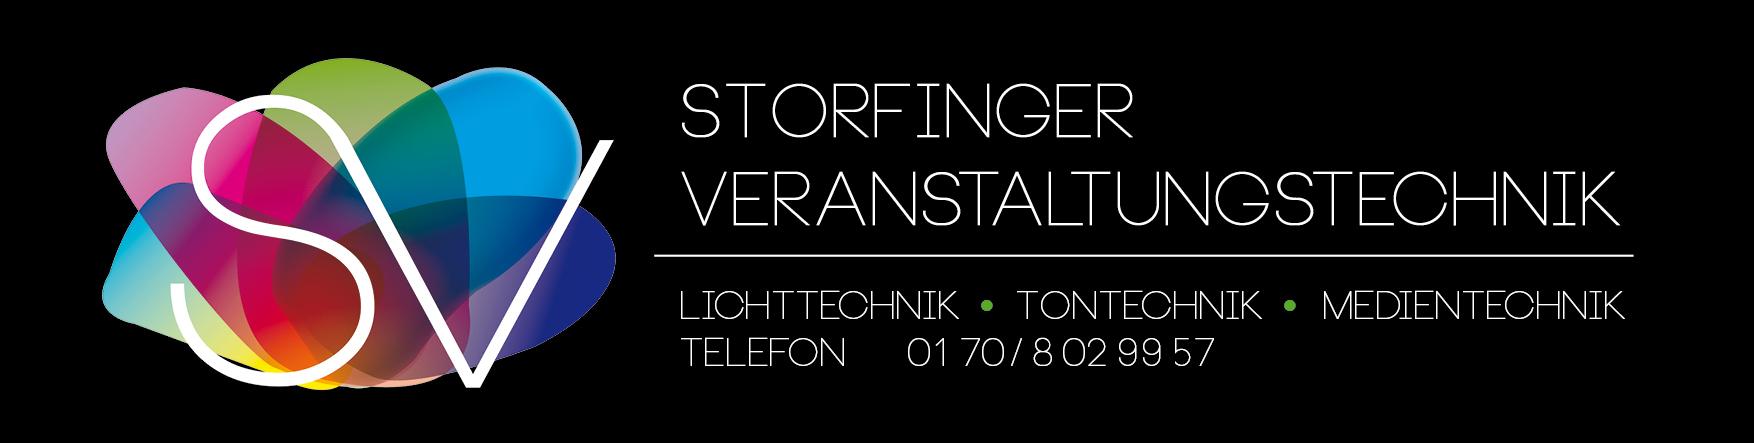 Storfinger Veranstaltungstechnik